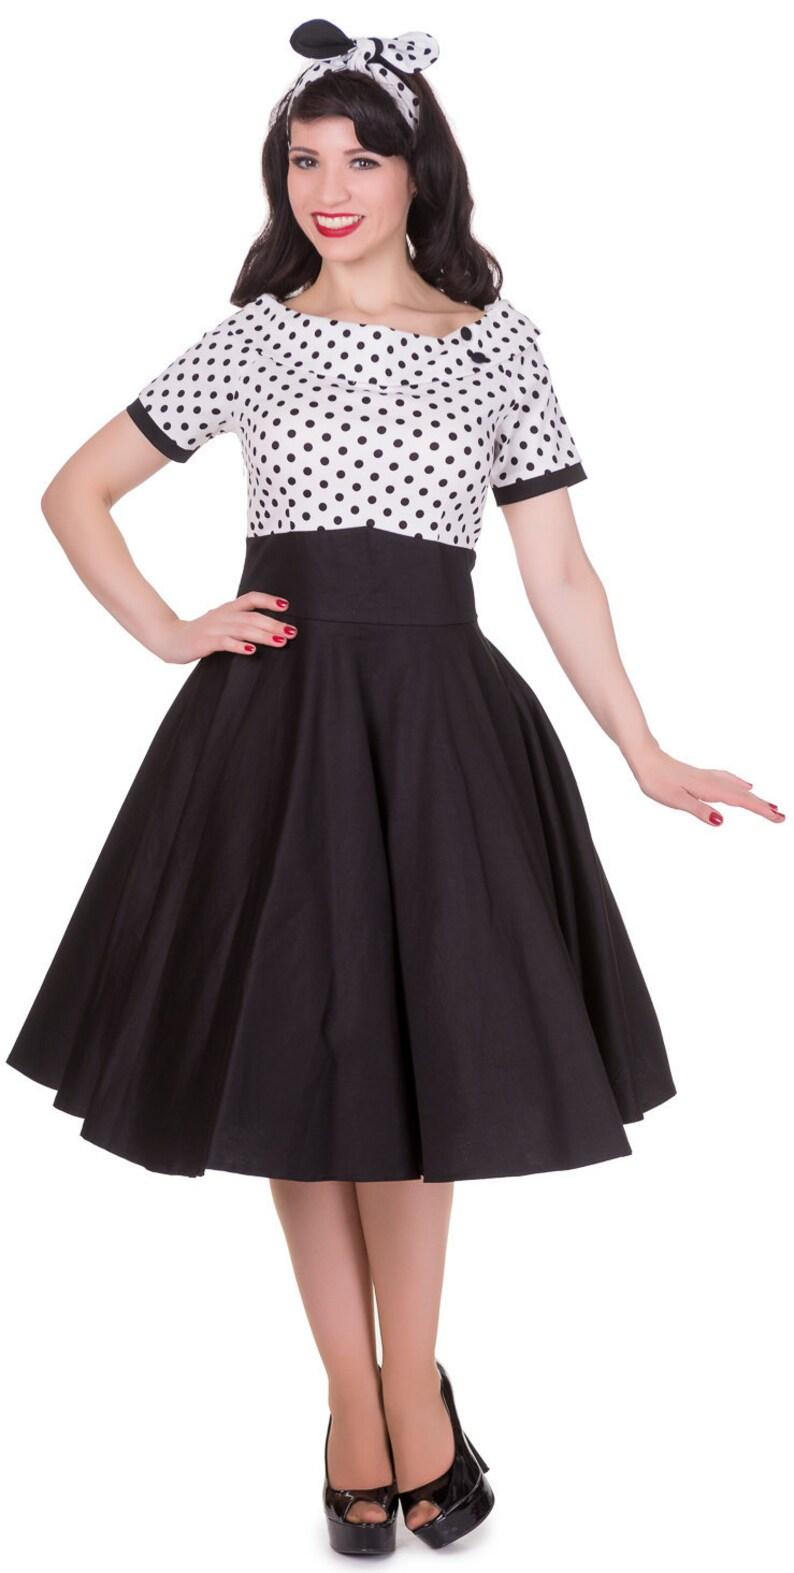 1950s Dresses, 50s Dresses | 1950s Style Dresses Darlene Retro Full Circle Swing Dress in White/Black Polka $57.67 AT vintagedancer.com